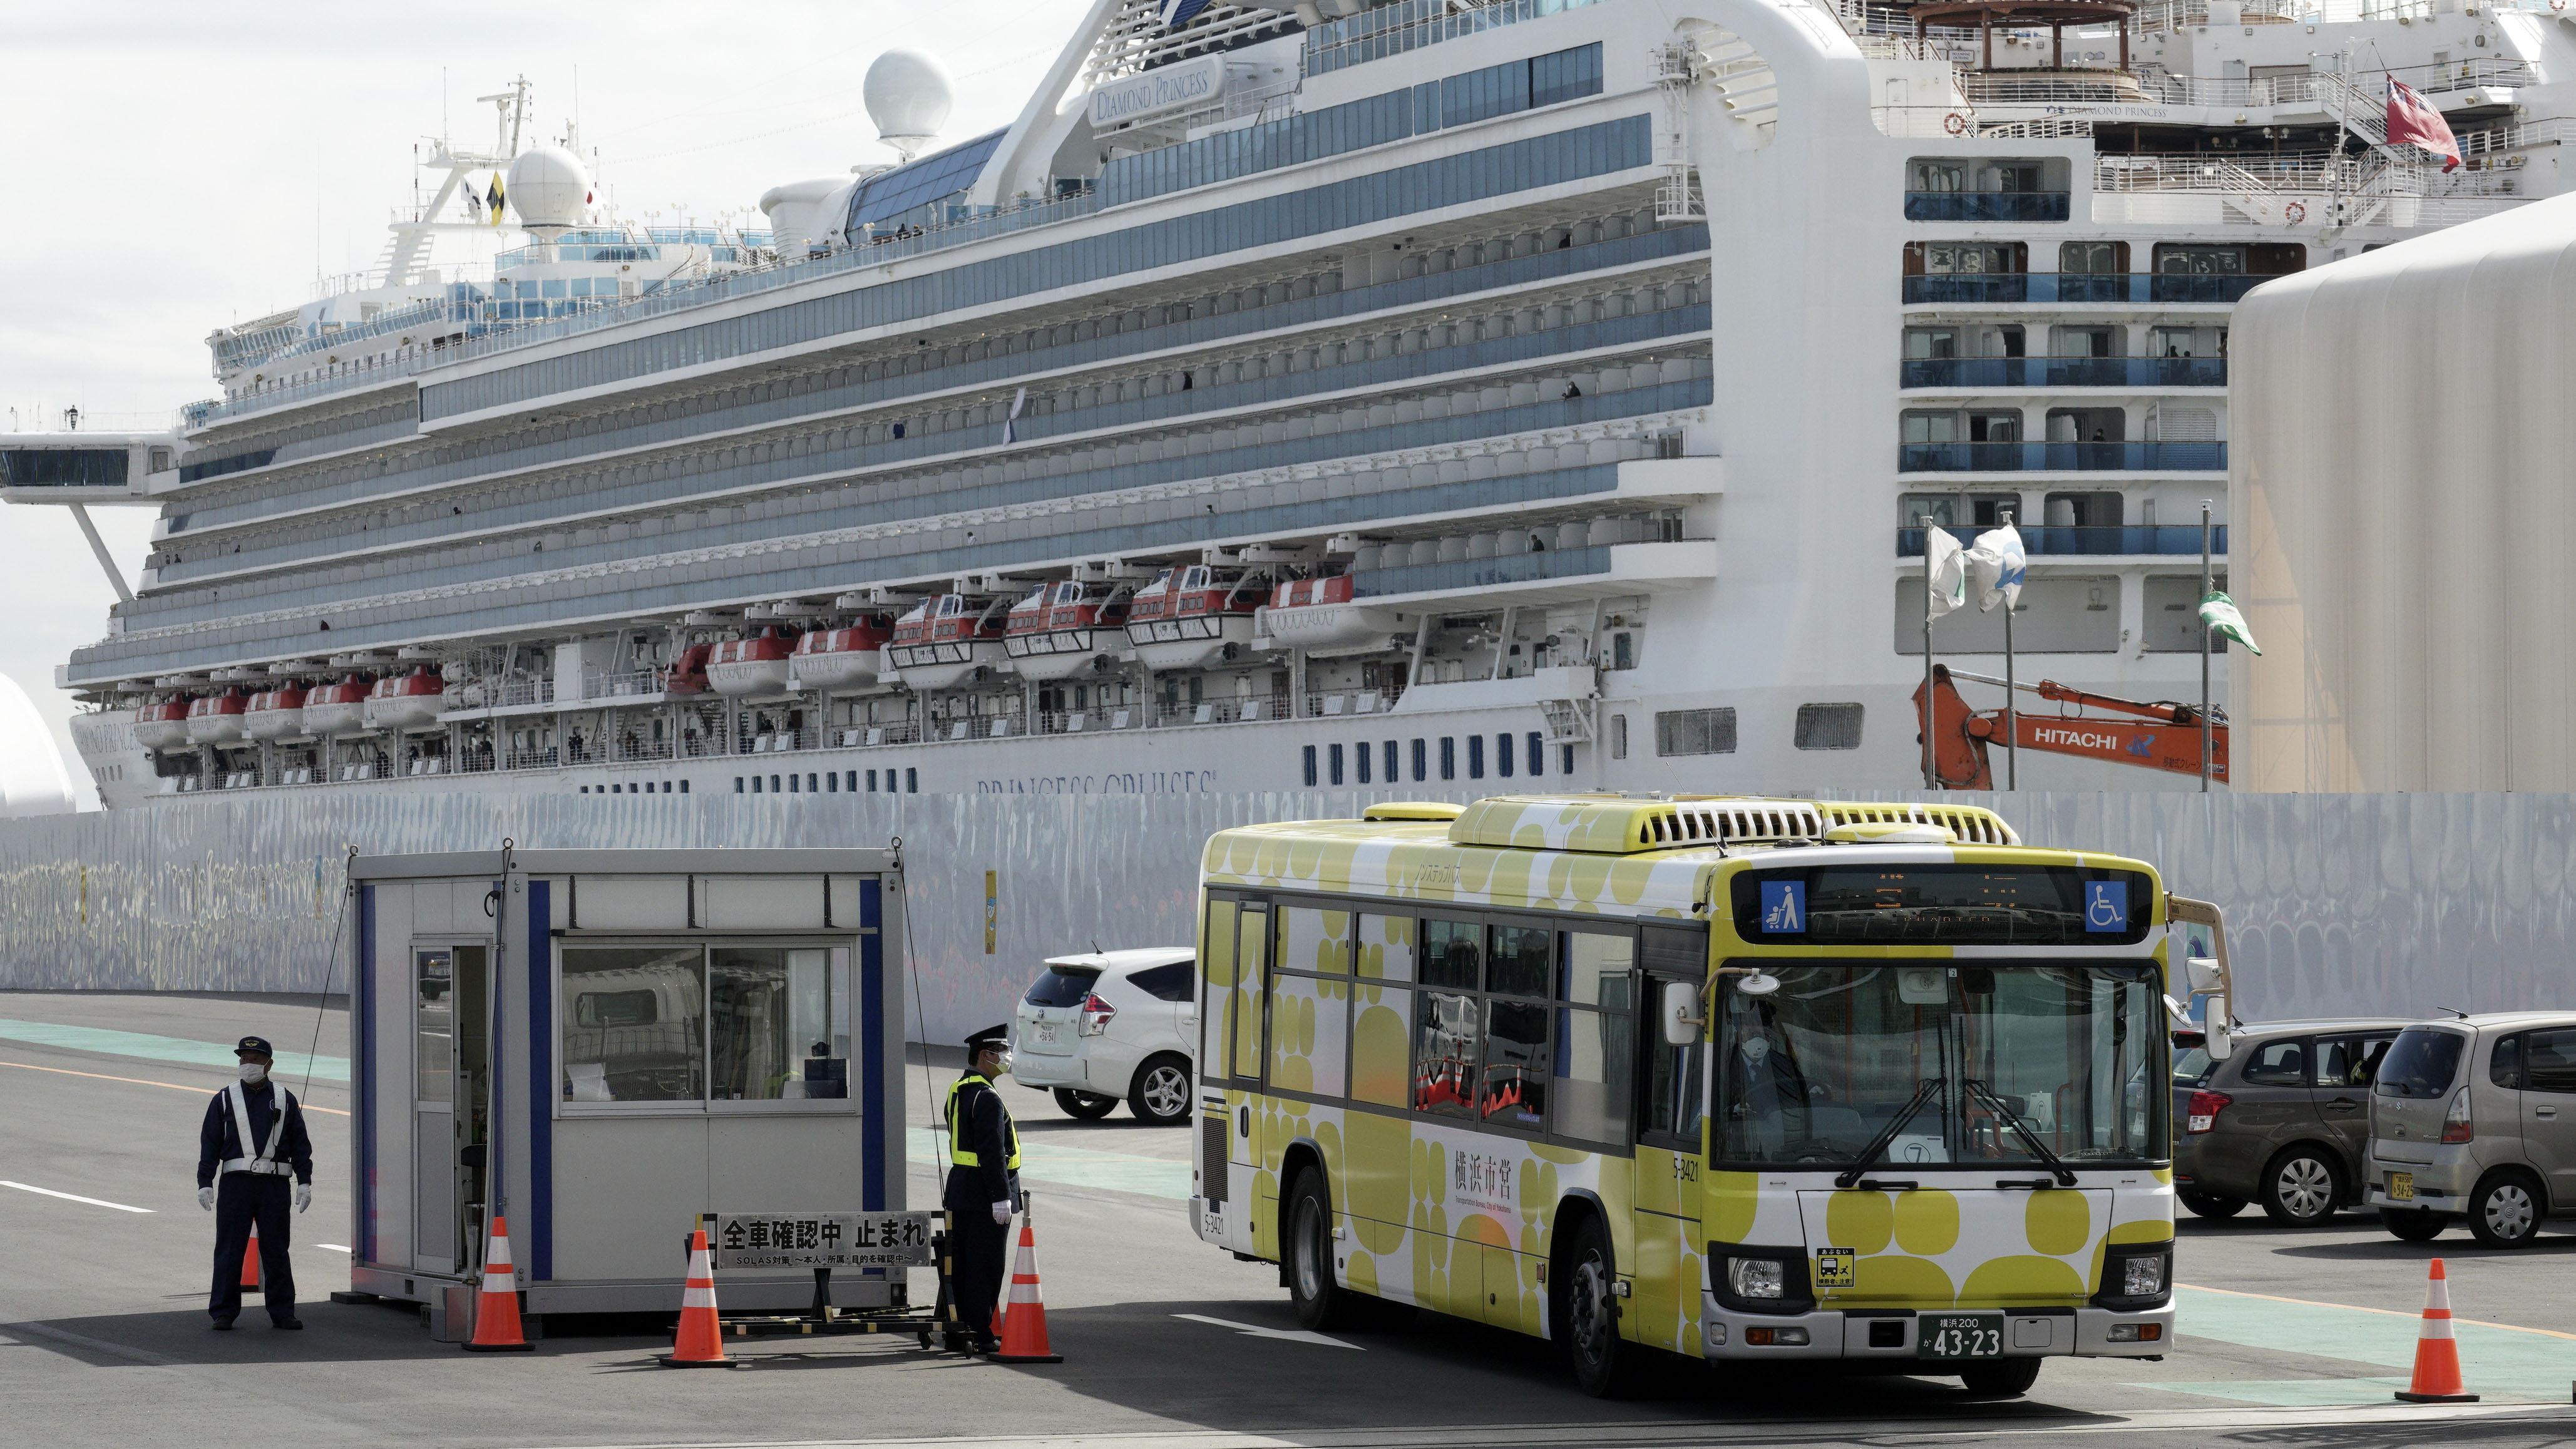 Pasajero narra su odisea dentro de crucero infectado con coronavirus